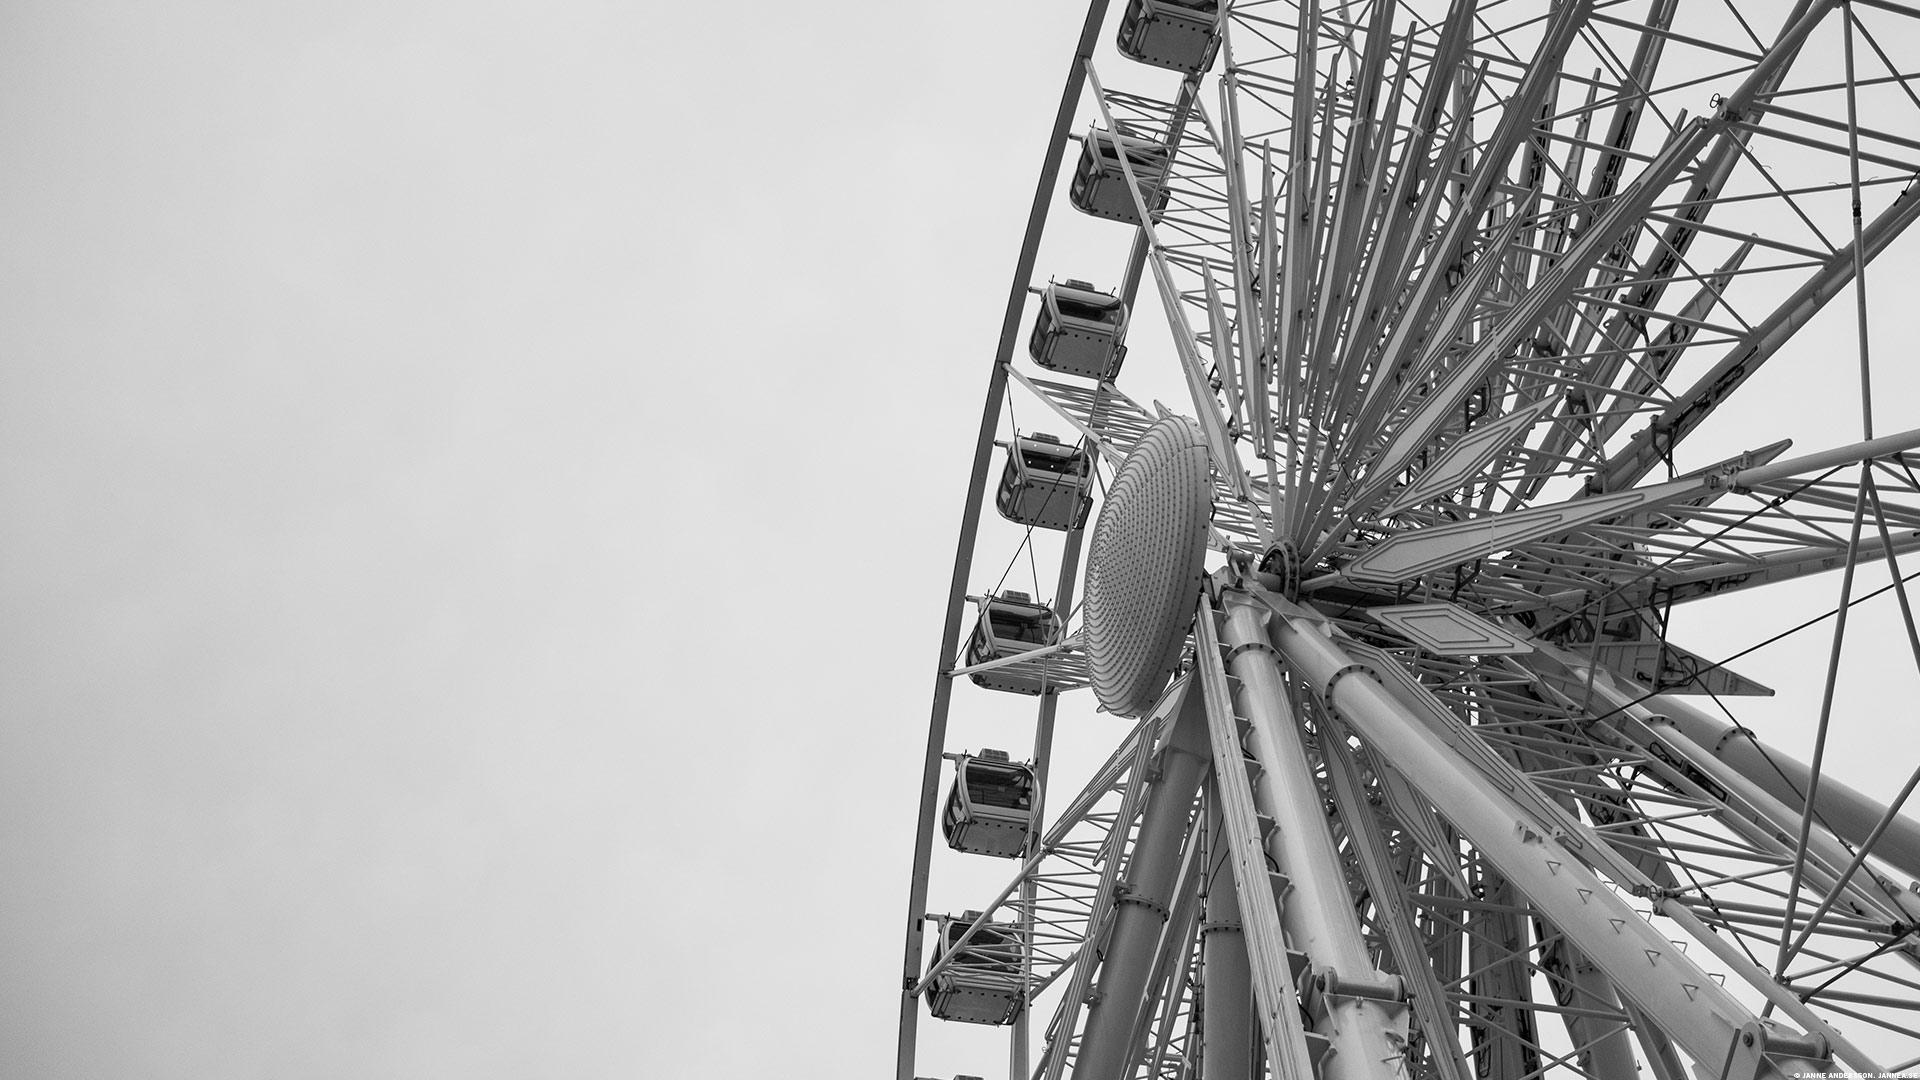 Det stora pariserhjulet i Gdansk |© Janne A